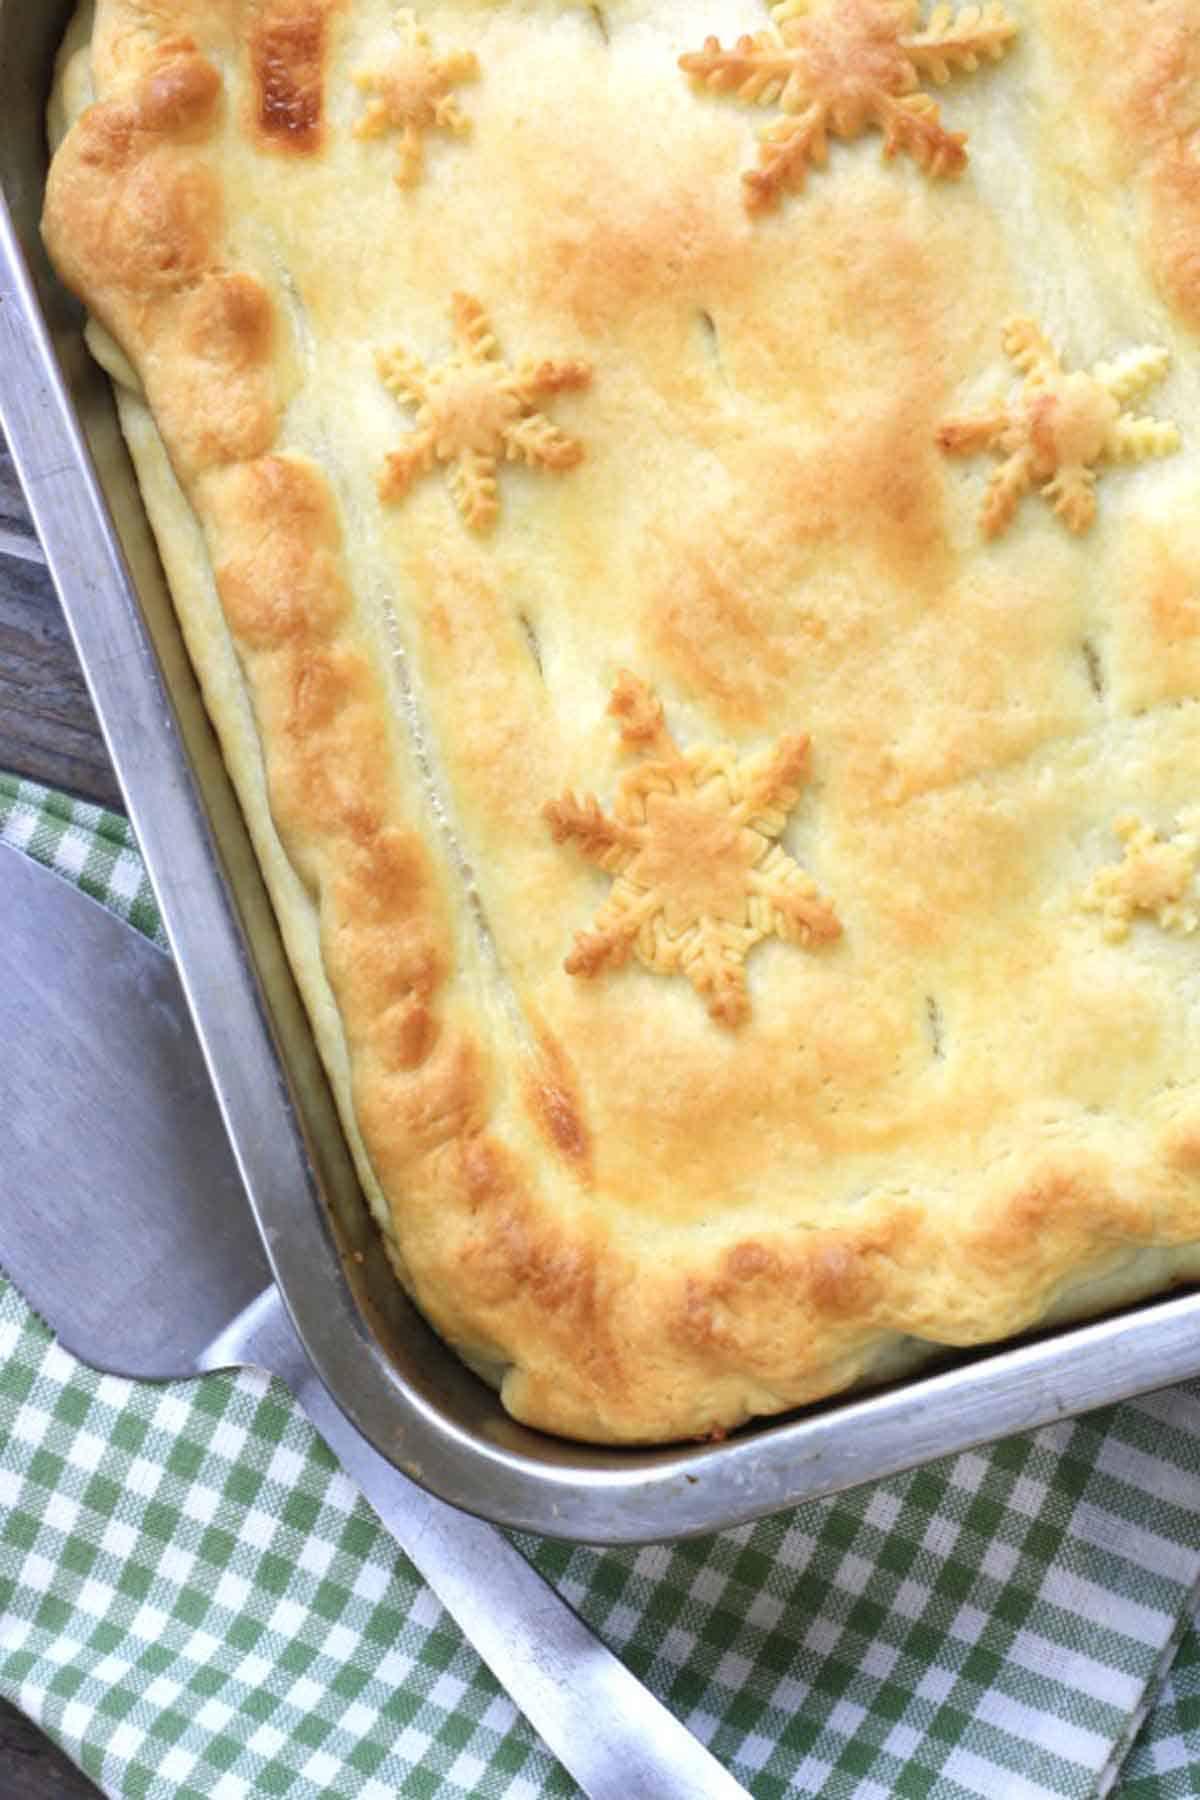 pie in a baking tin.